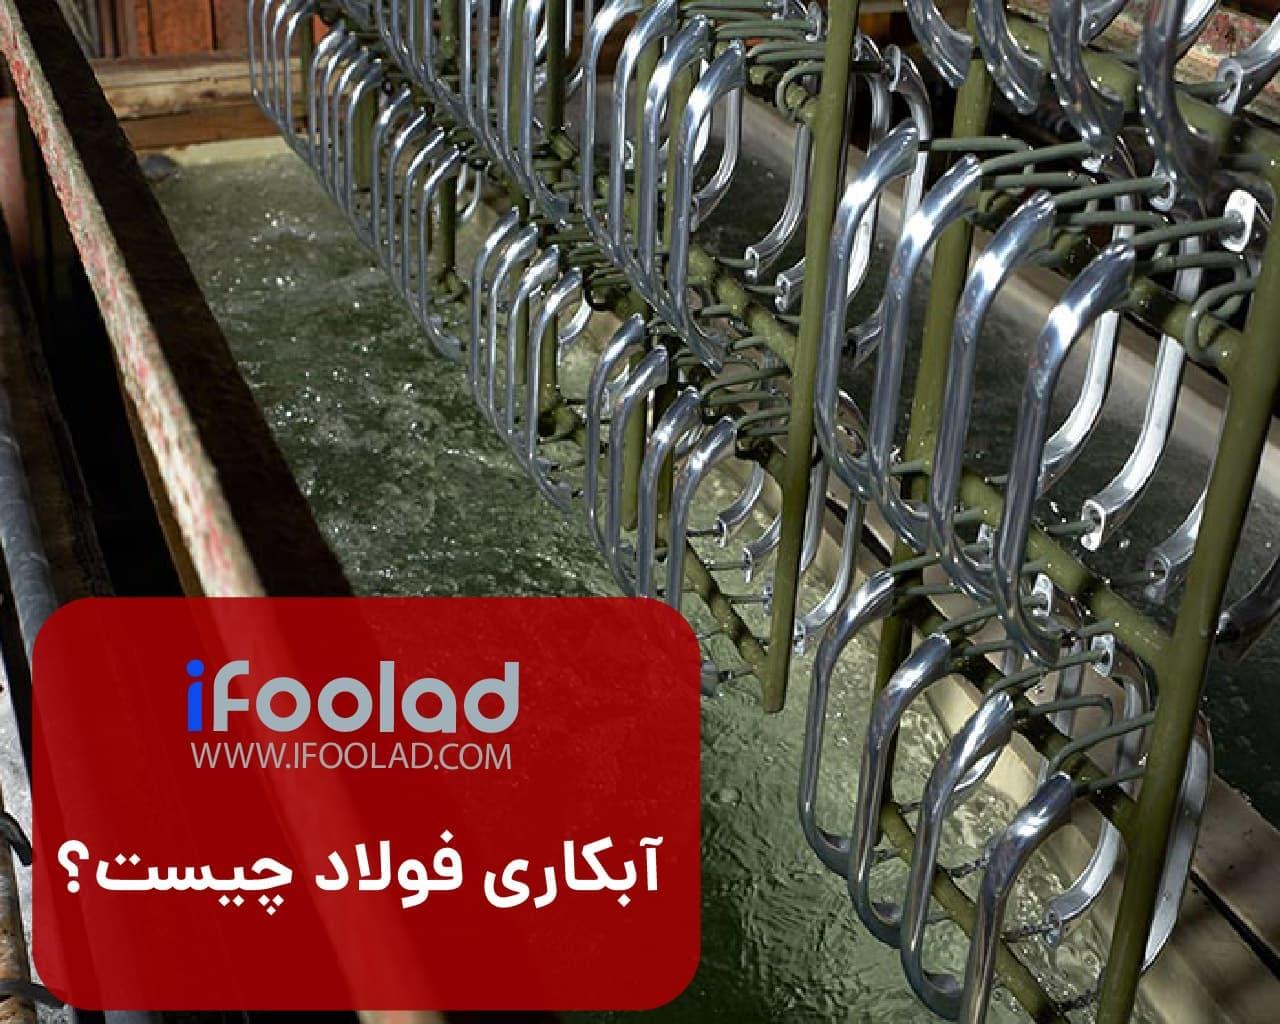 آبکاری فولاد چیست و چه روش های دارد؟